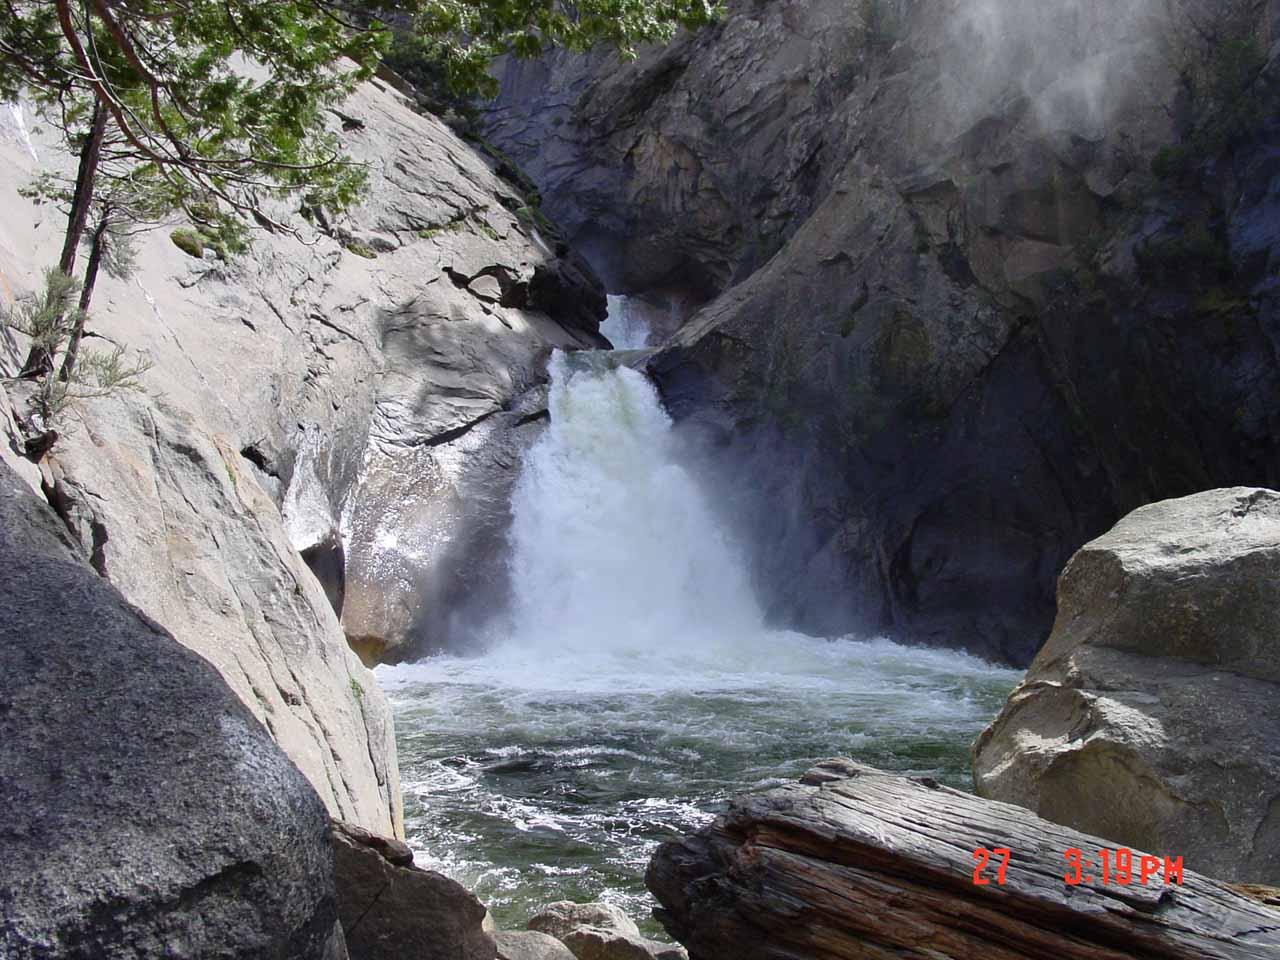 Roaring River Falls in moderate flow in April 2002